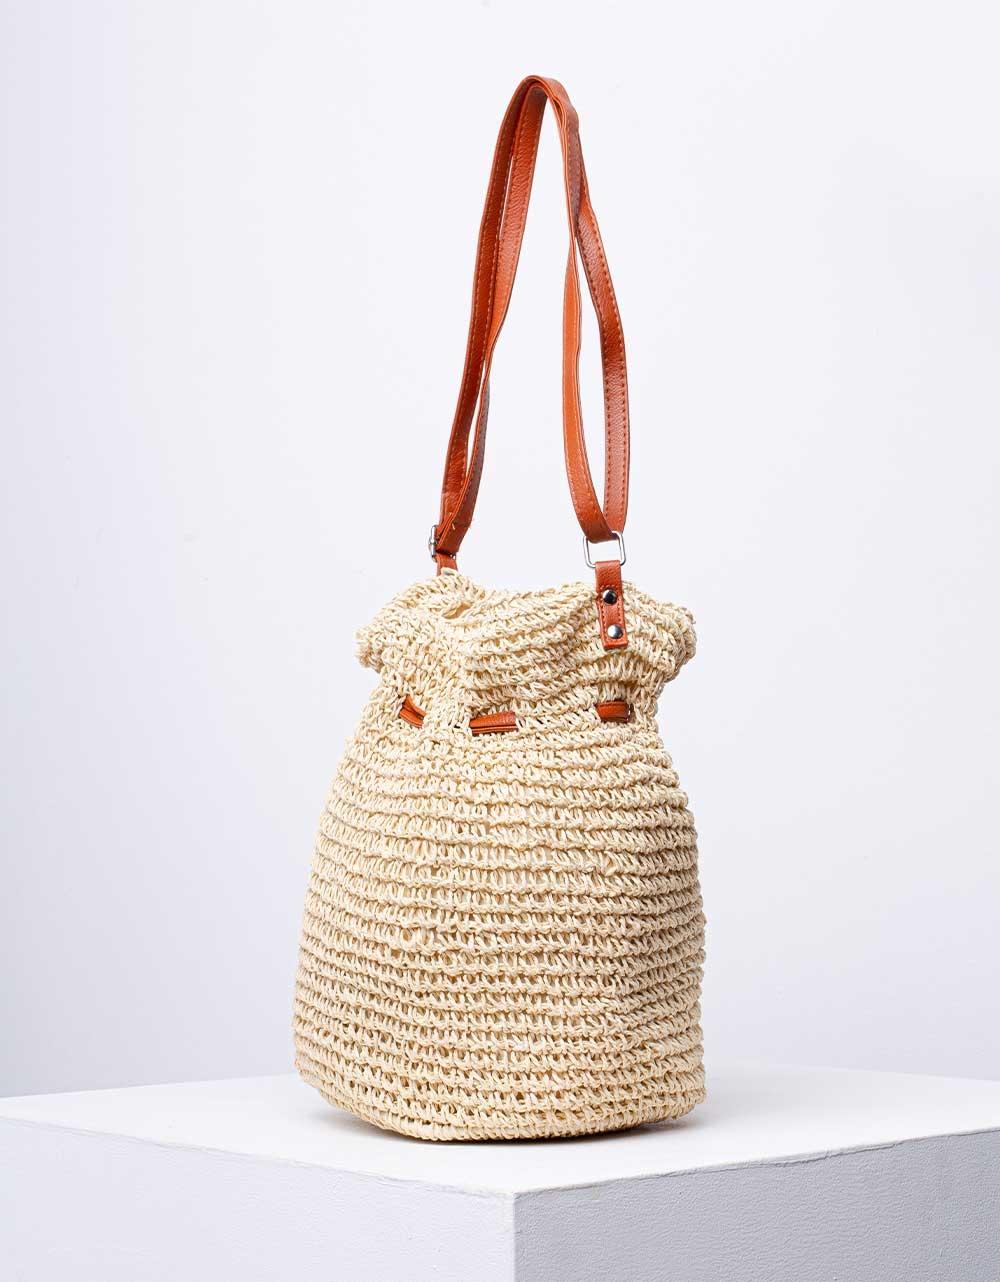 Εικόνα από Γυναικεία ώμου & χιαστί τσάντα πουγκί ψάθινη Μπεζ